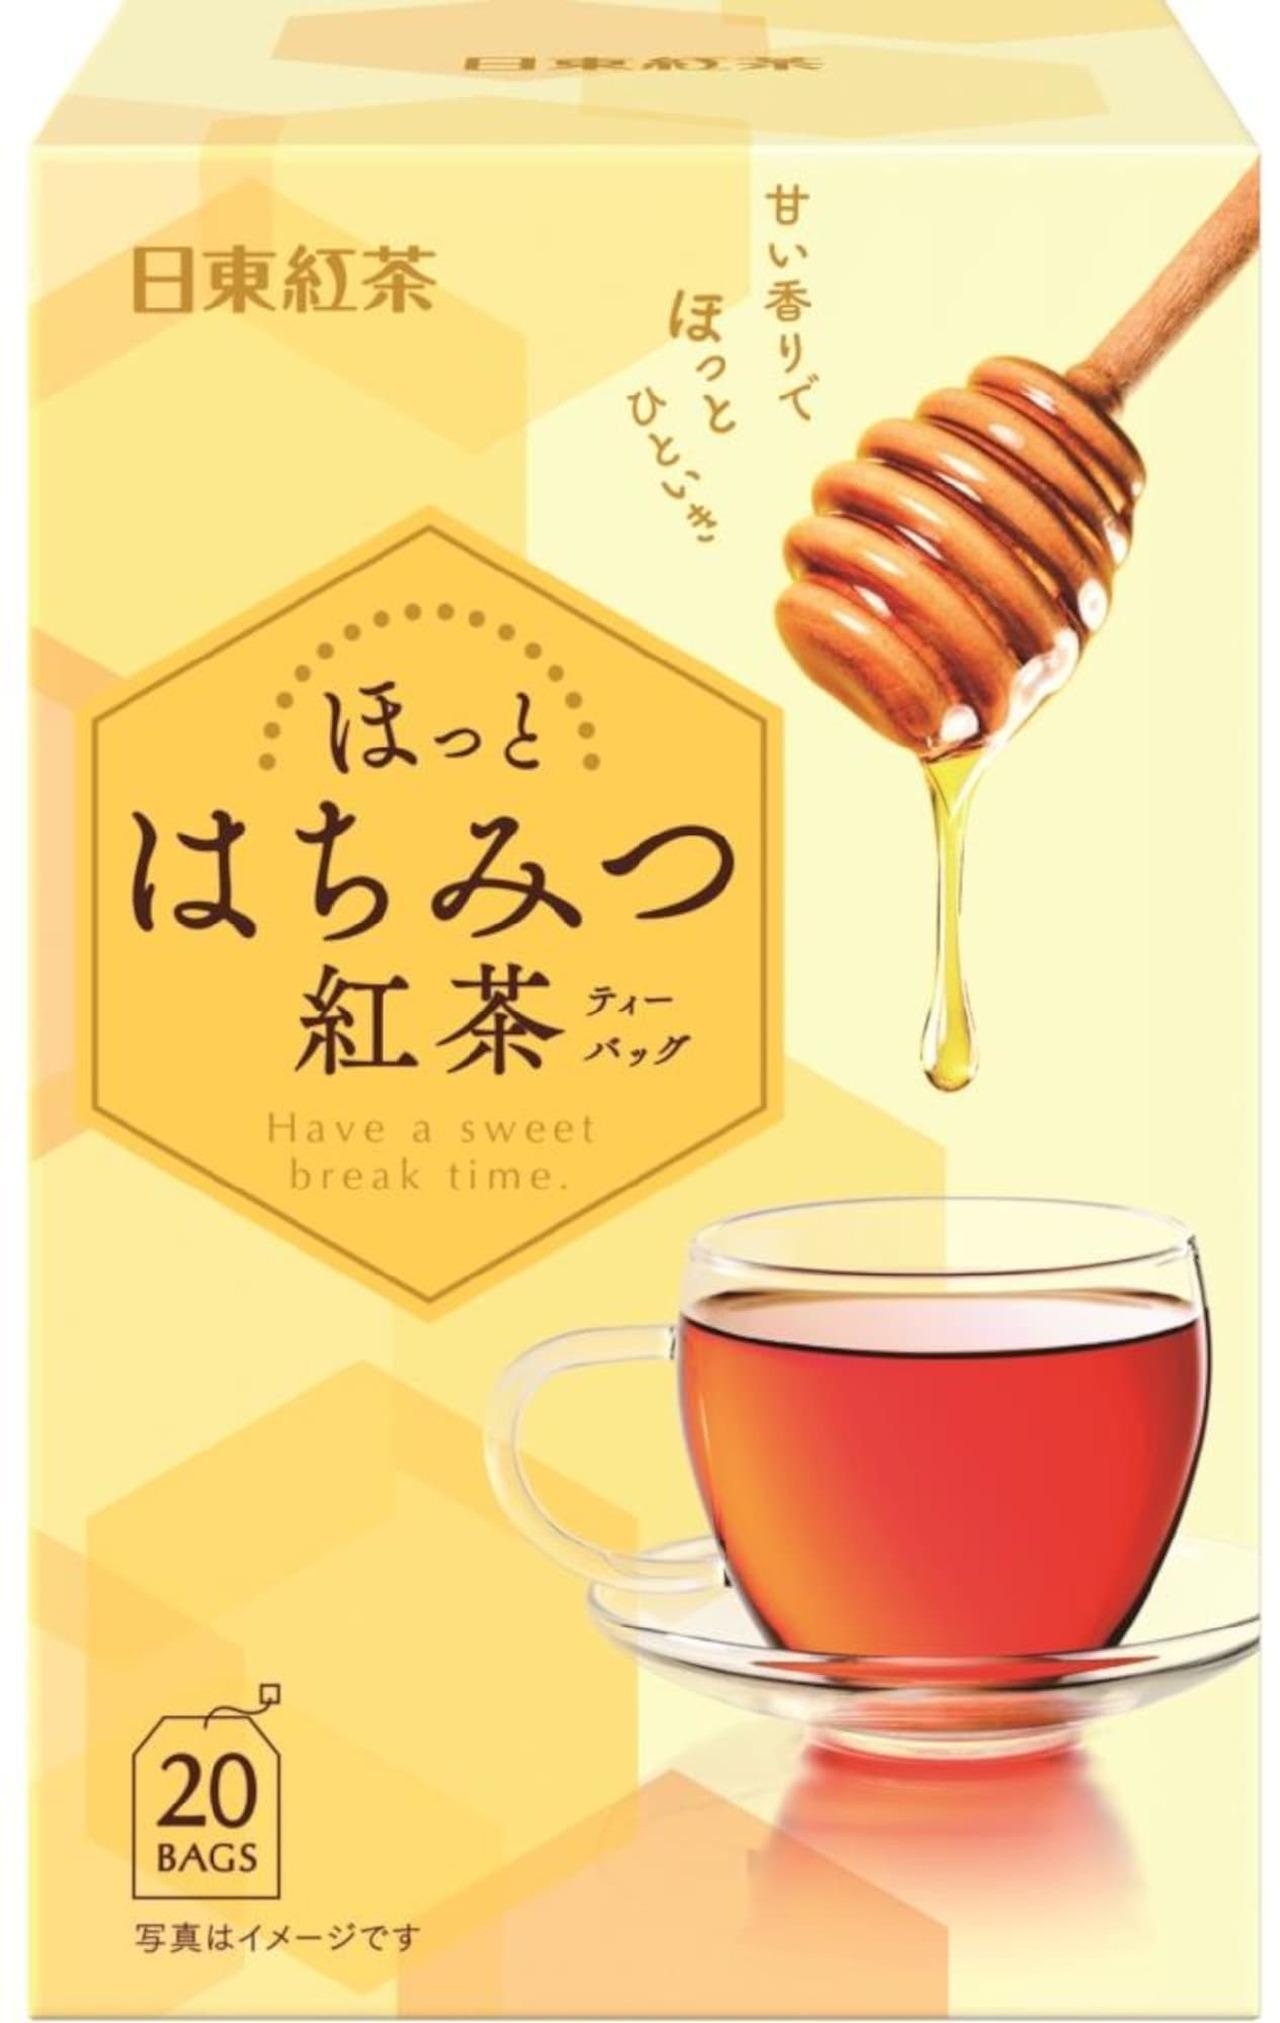 「日東紅茶 はちみつ紅茶ティーバッグ20袋入り」はちみつが練り込まれた「甘い」ティーバッグ